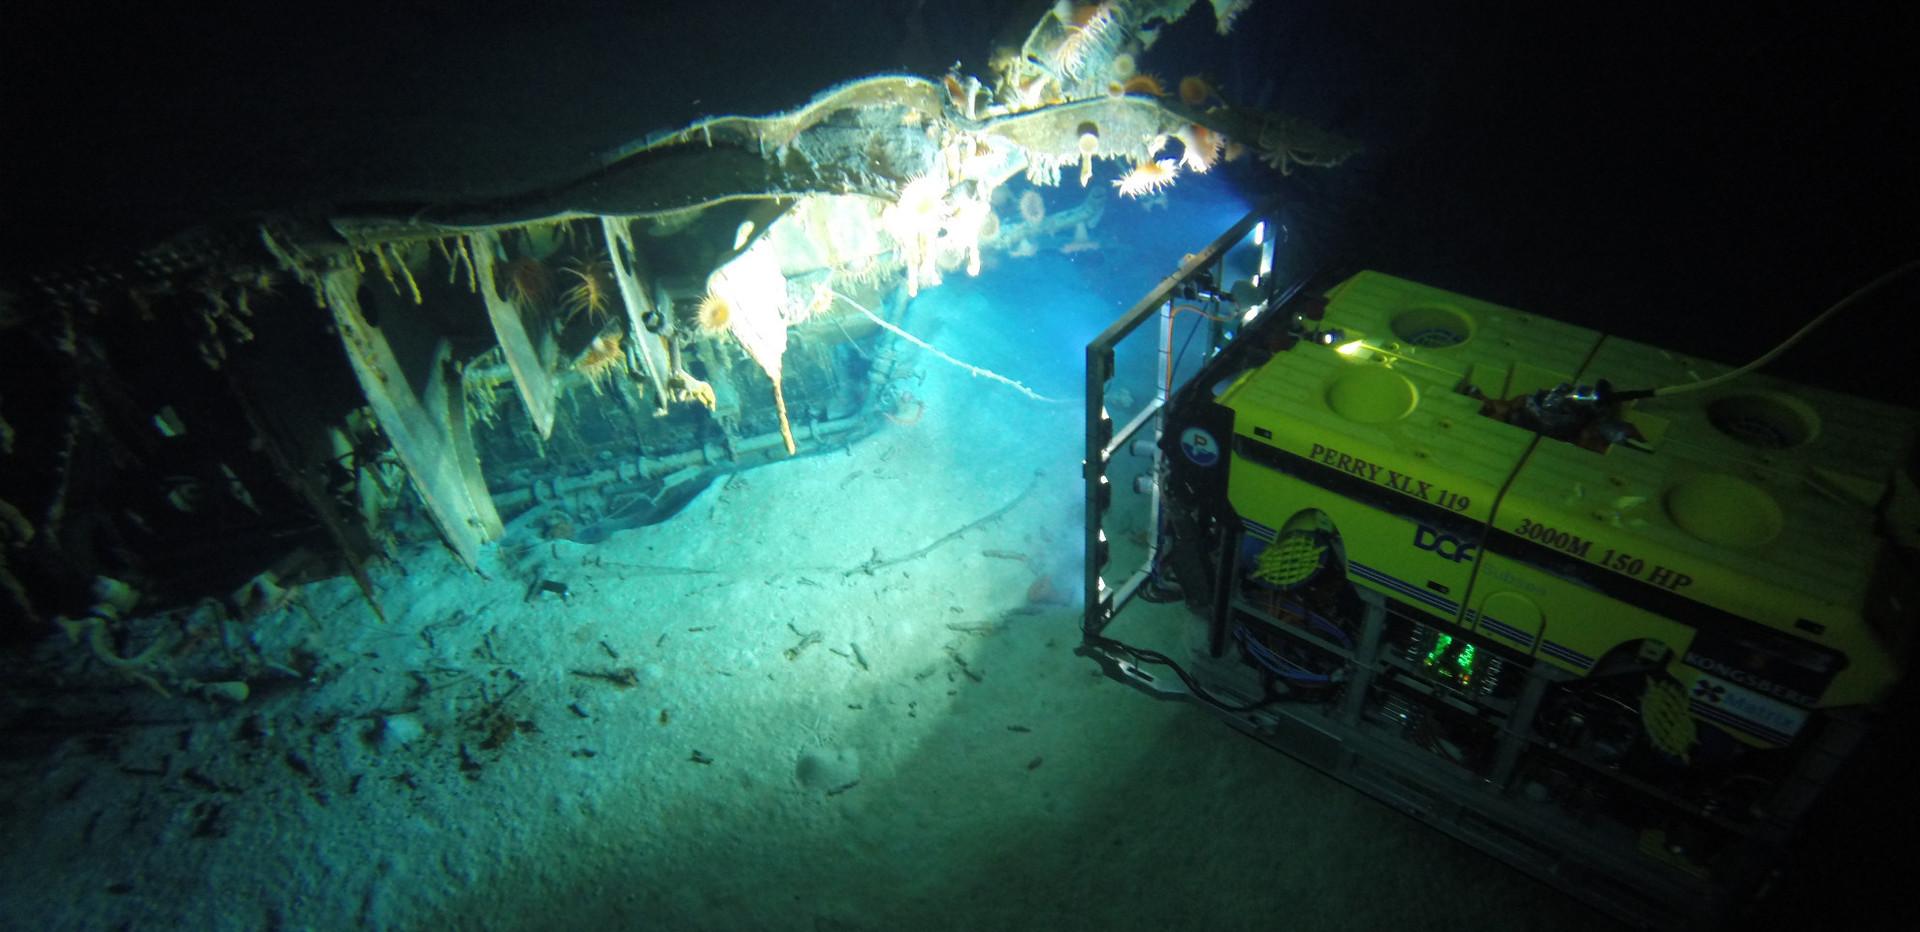 SubC ROV Camera